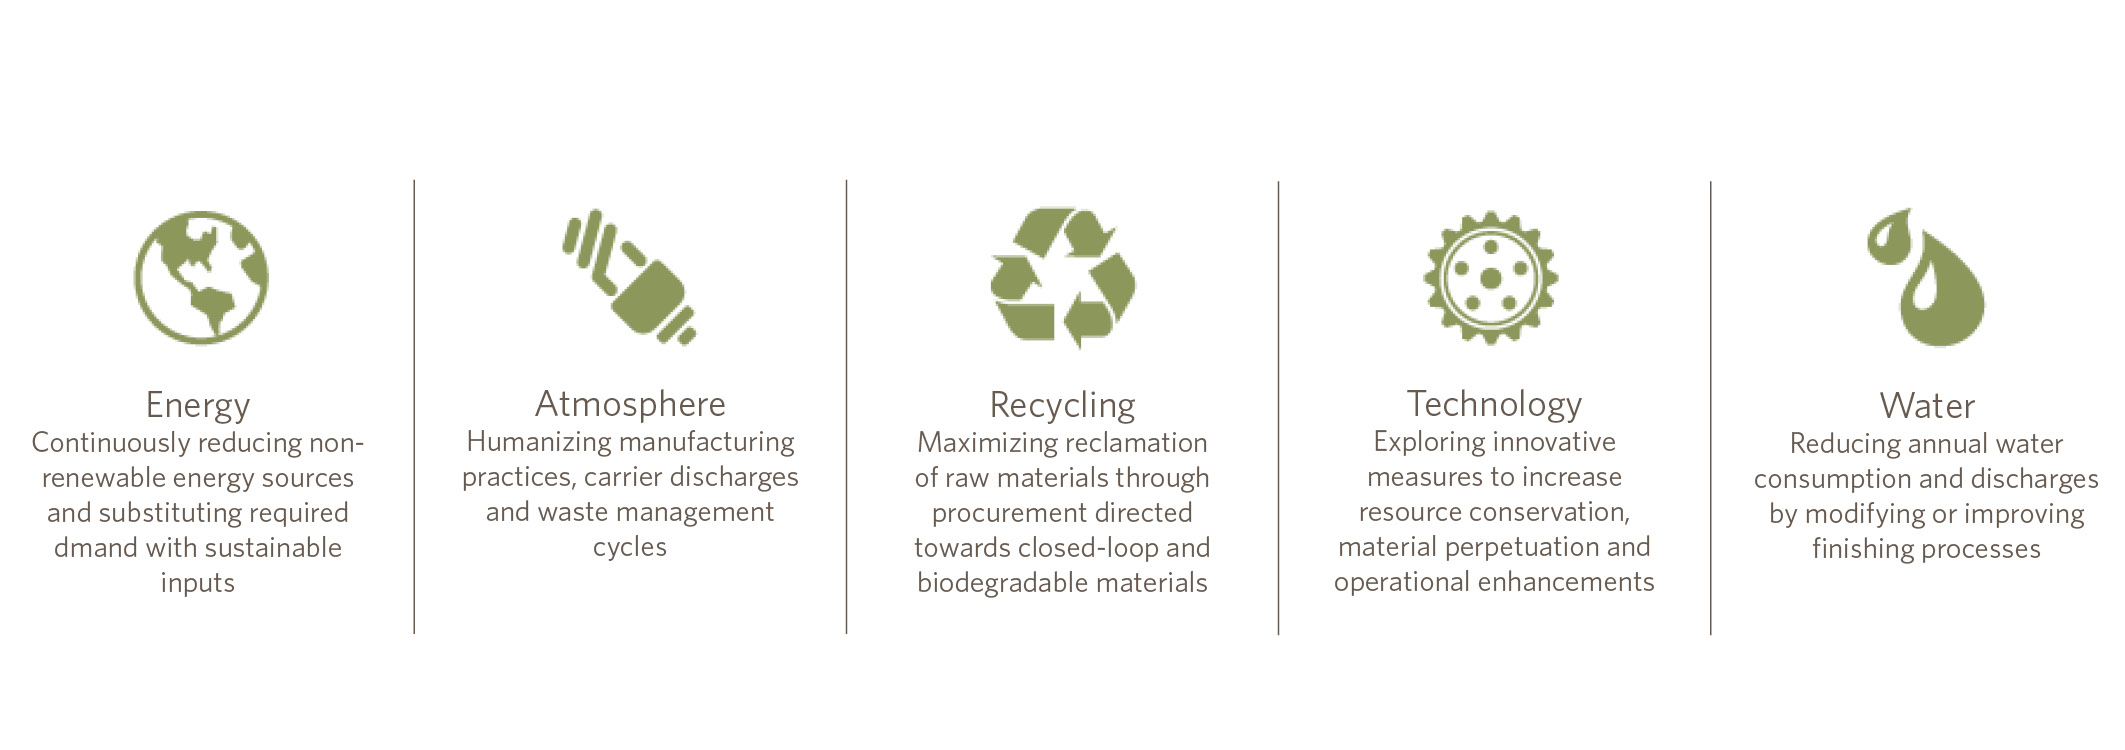 Sustainability icons.jpg